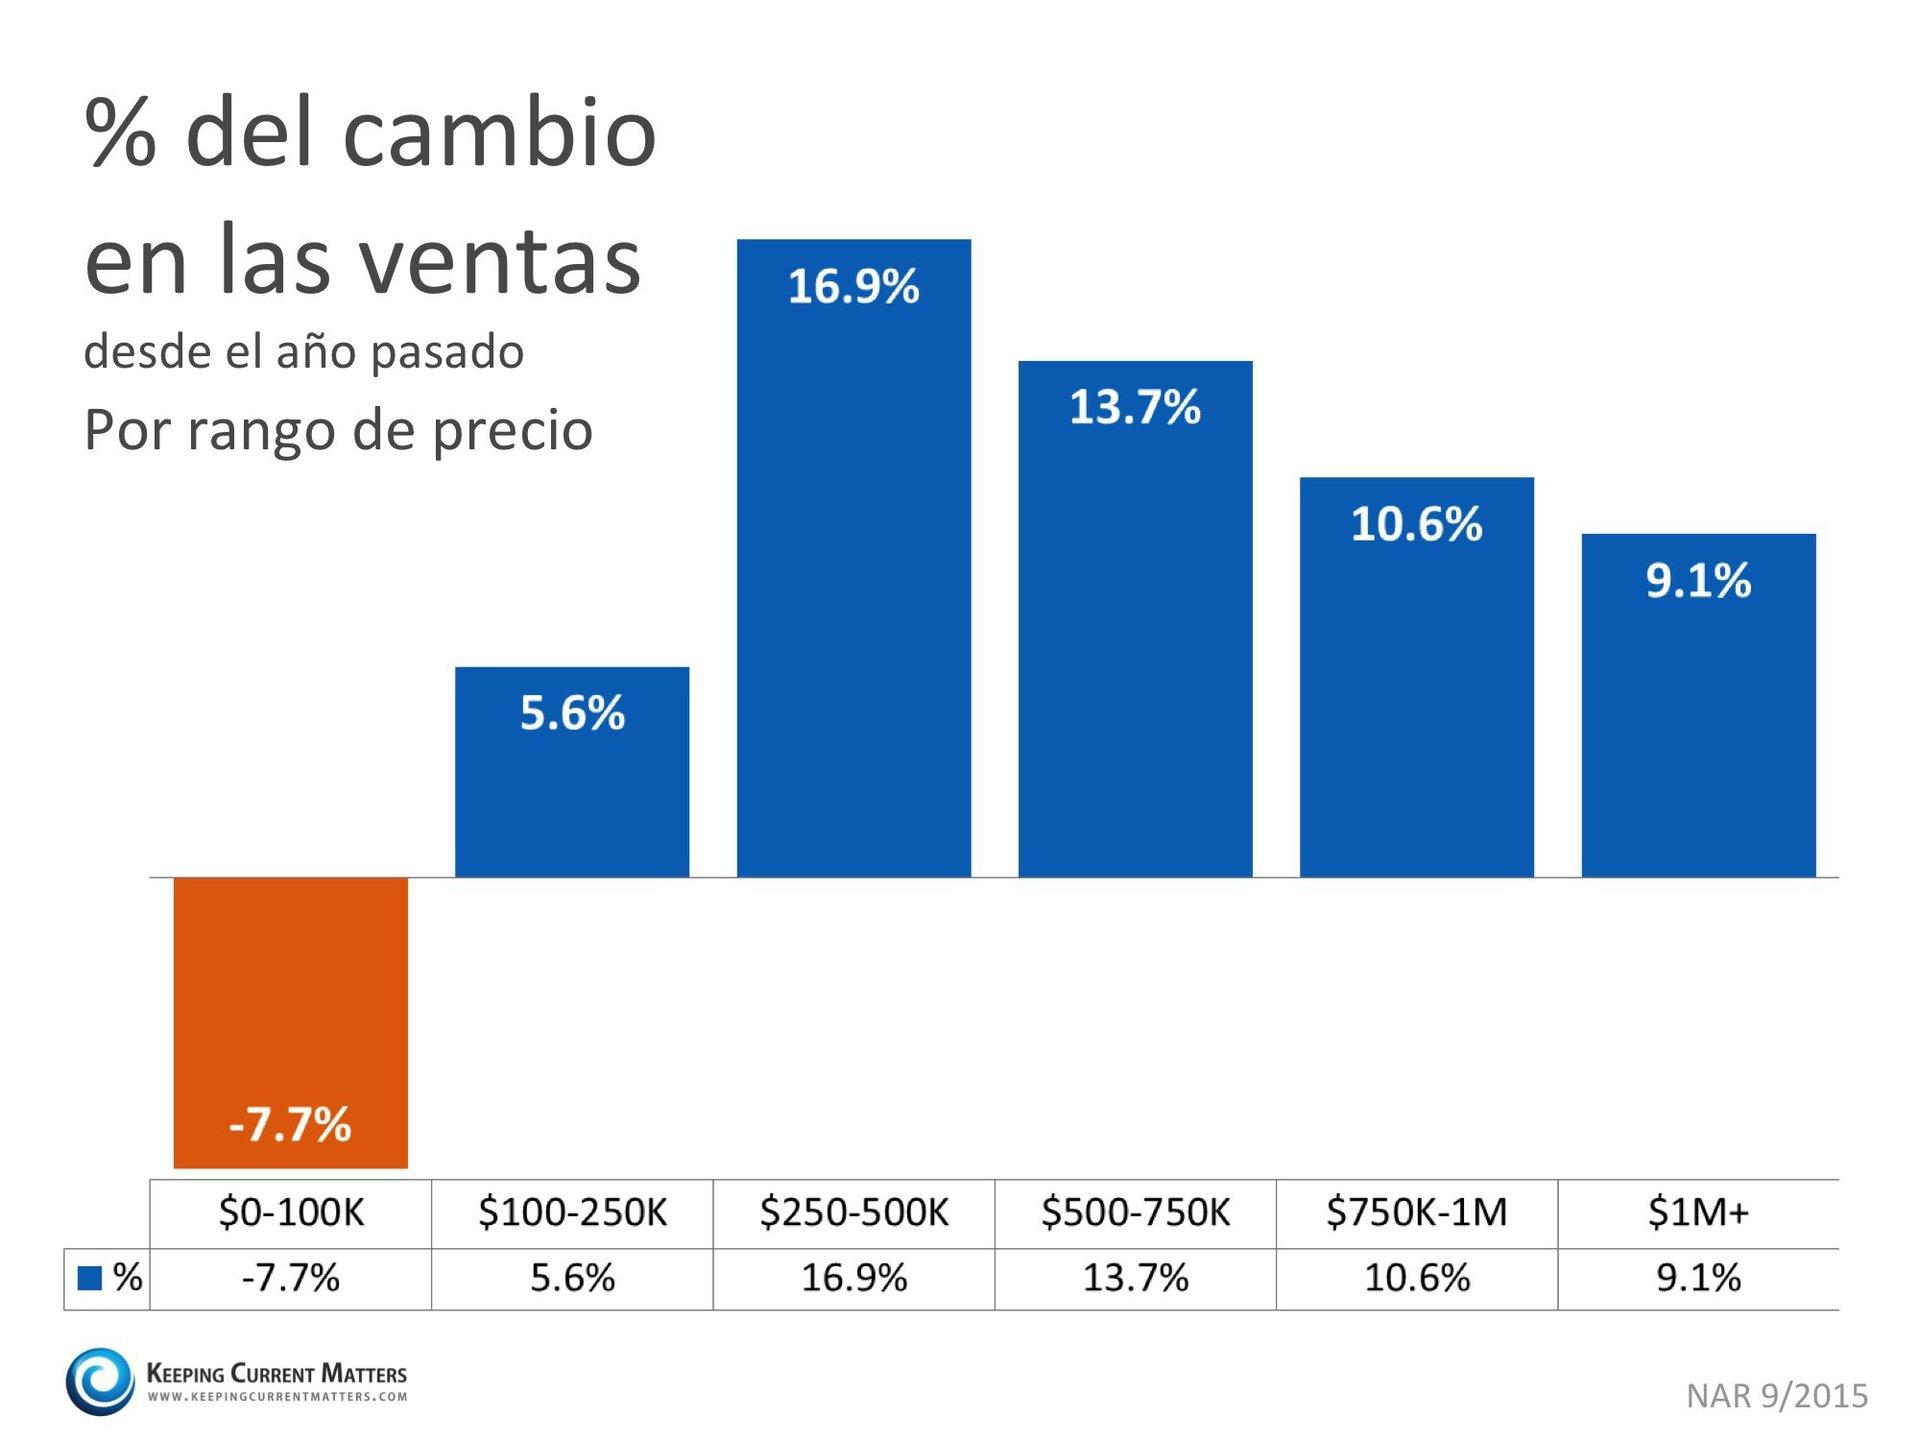 porcentaje del cambio en las ventas | Keeping Current Matters